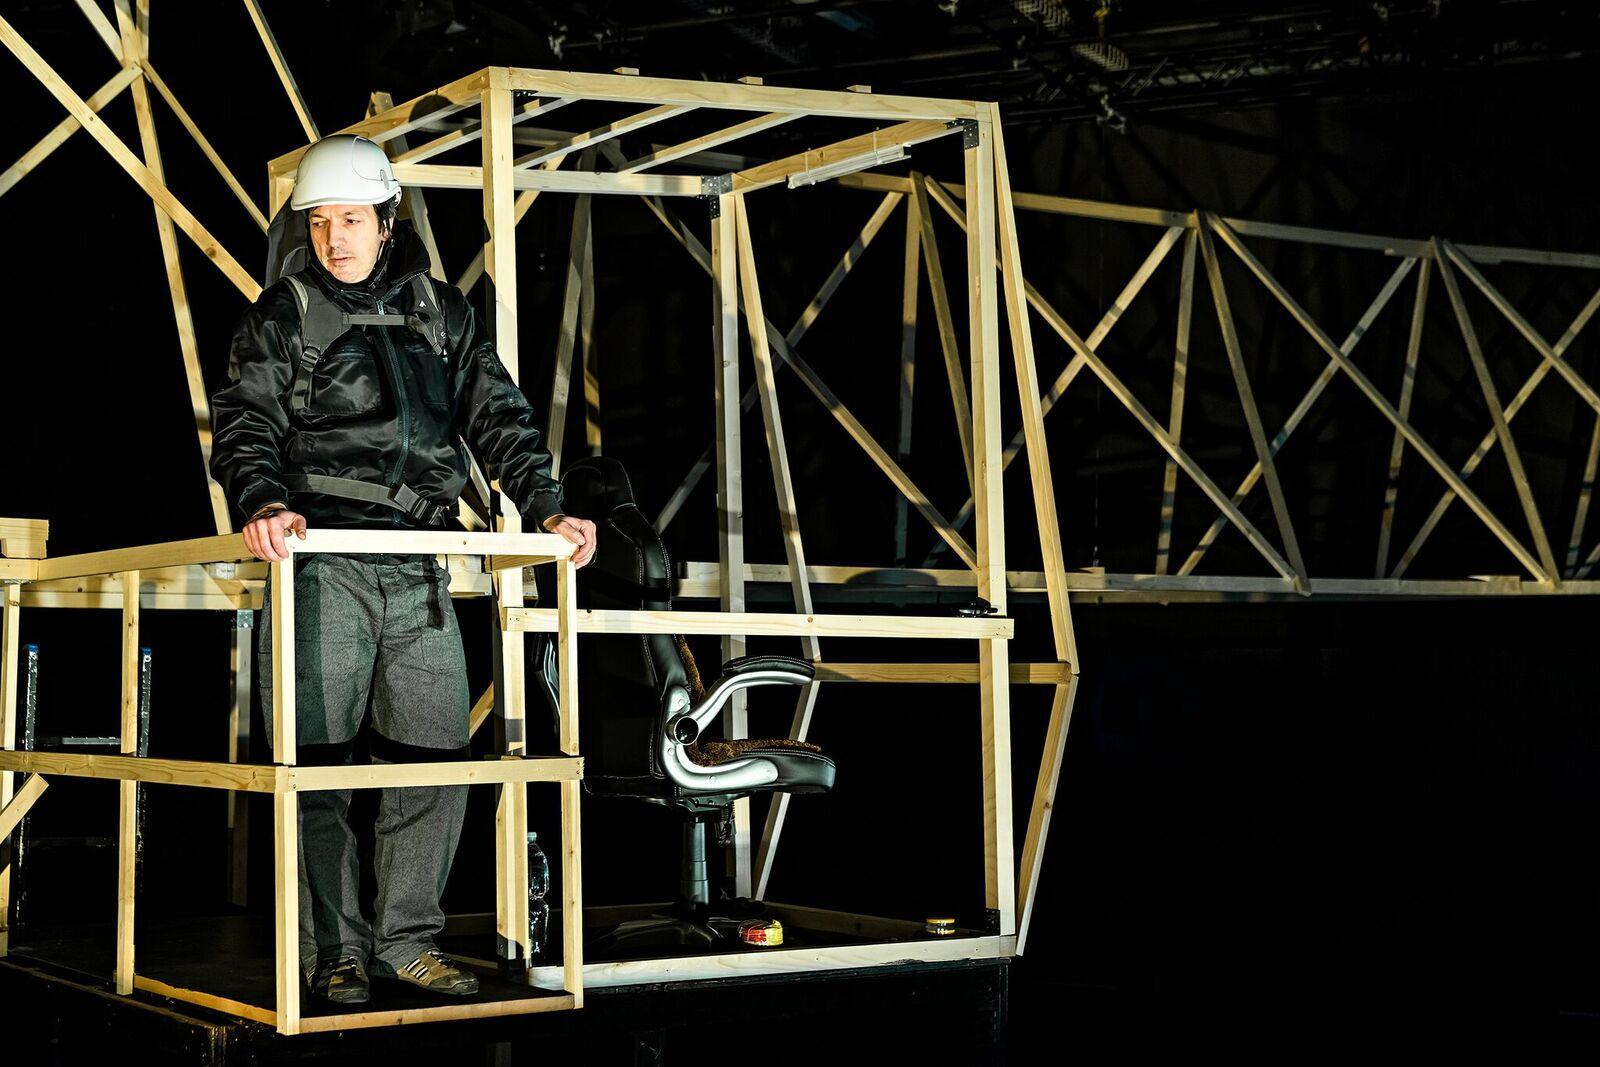 70 Meter über der Baustelle arbeitet Markus alleine. (Bild: zvg)